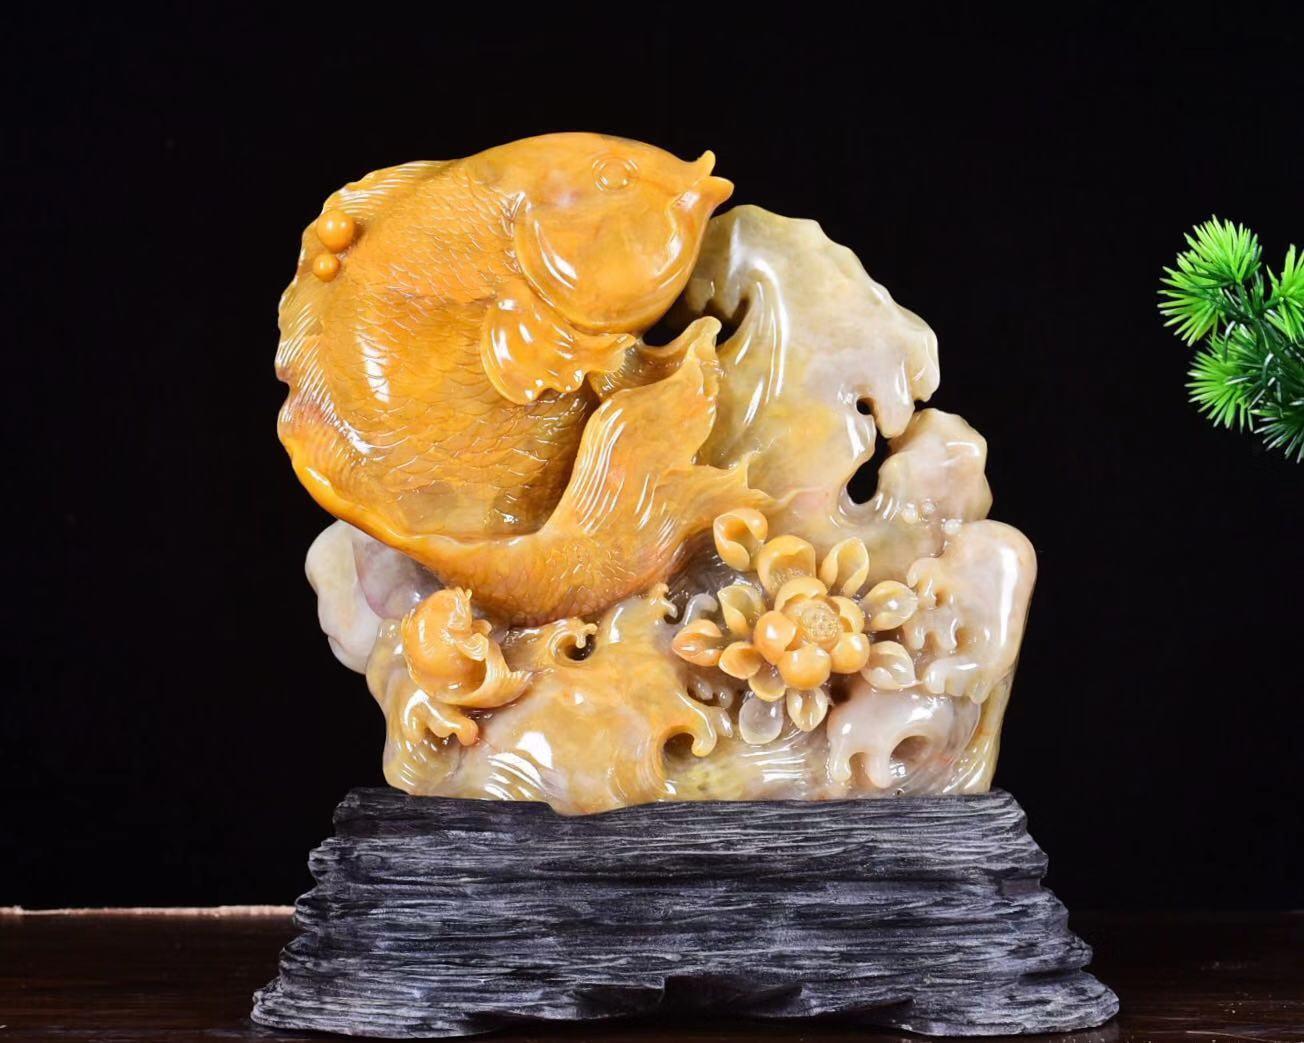 连年有余 鱼摆件 正宗老挝北部田黄 质地晶莹 工艺-田黄(核知道旗舰店仅售1380元)